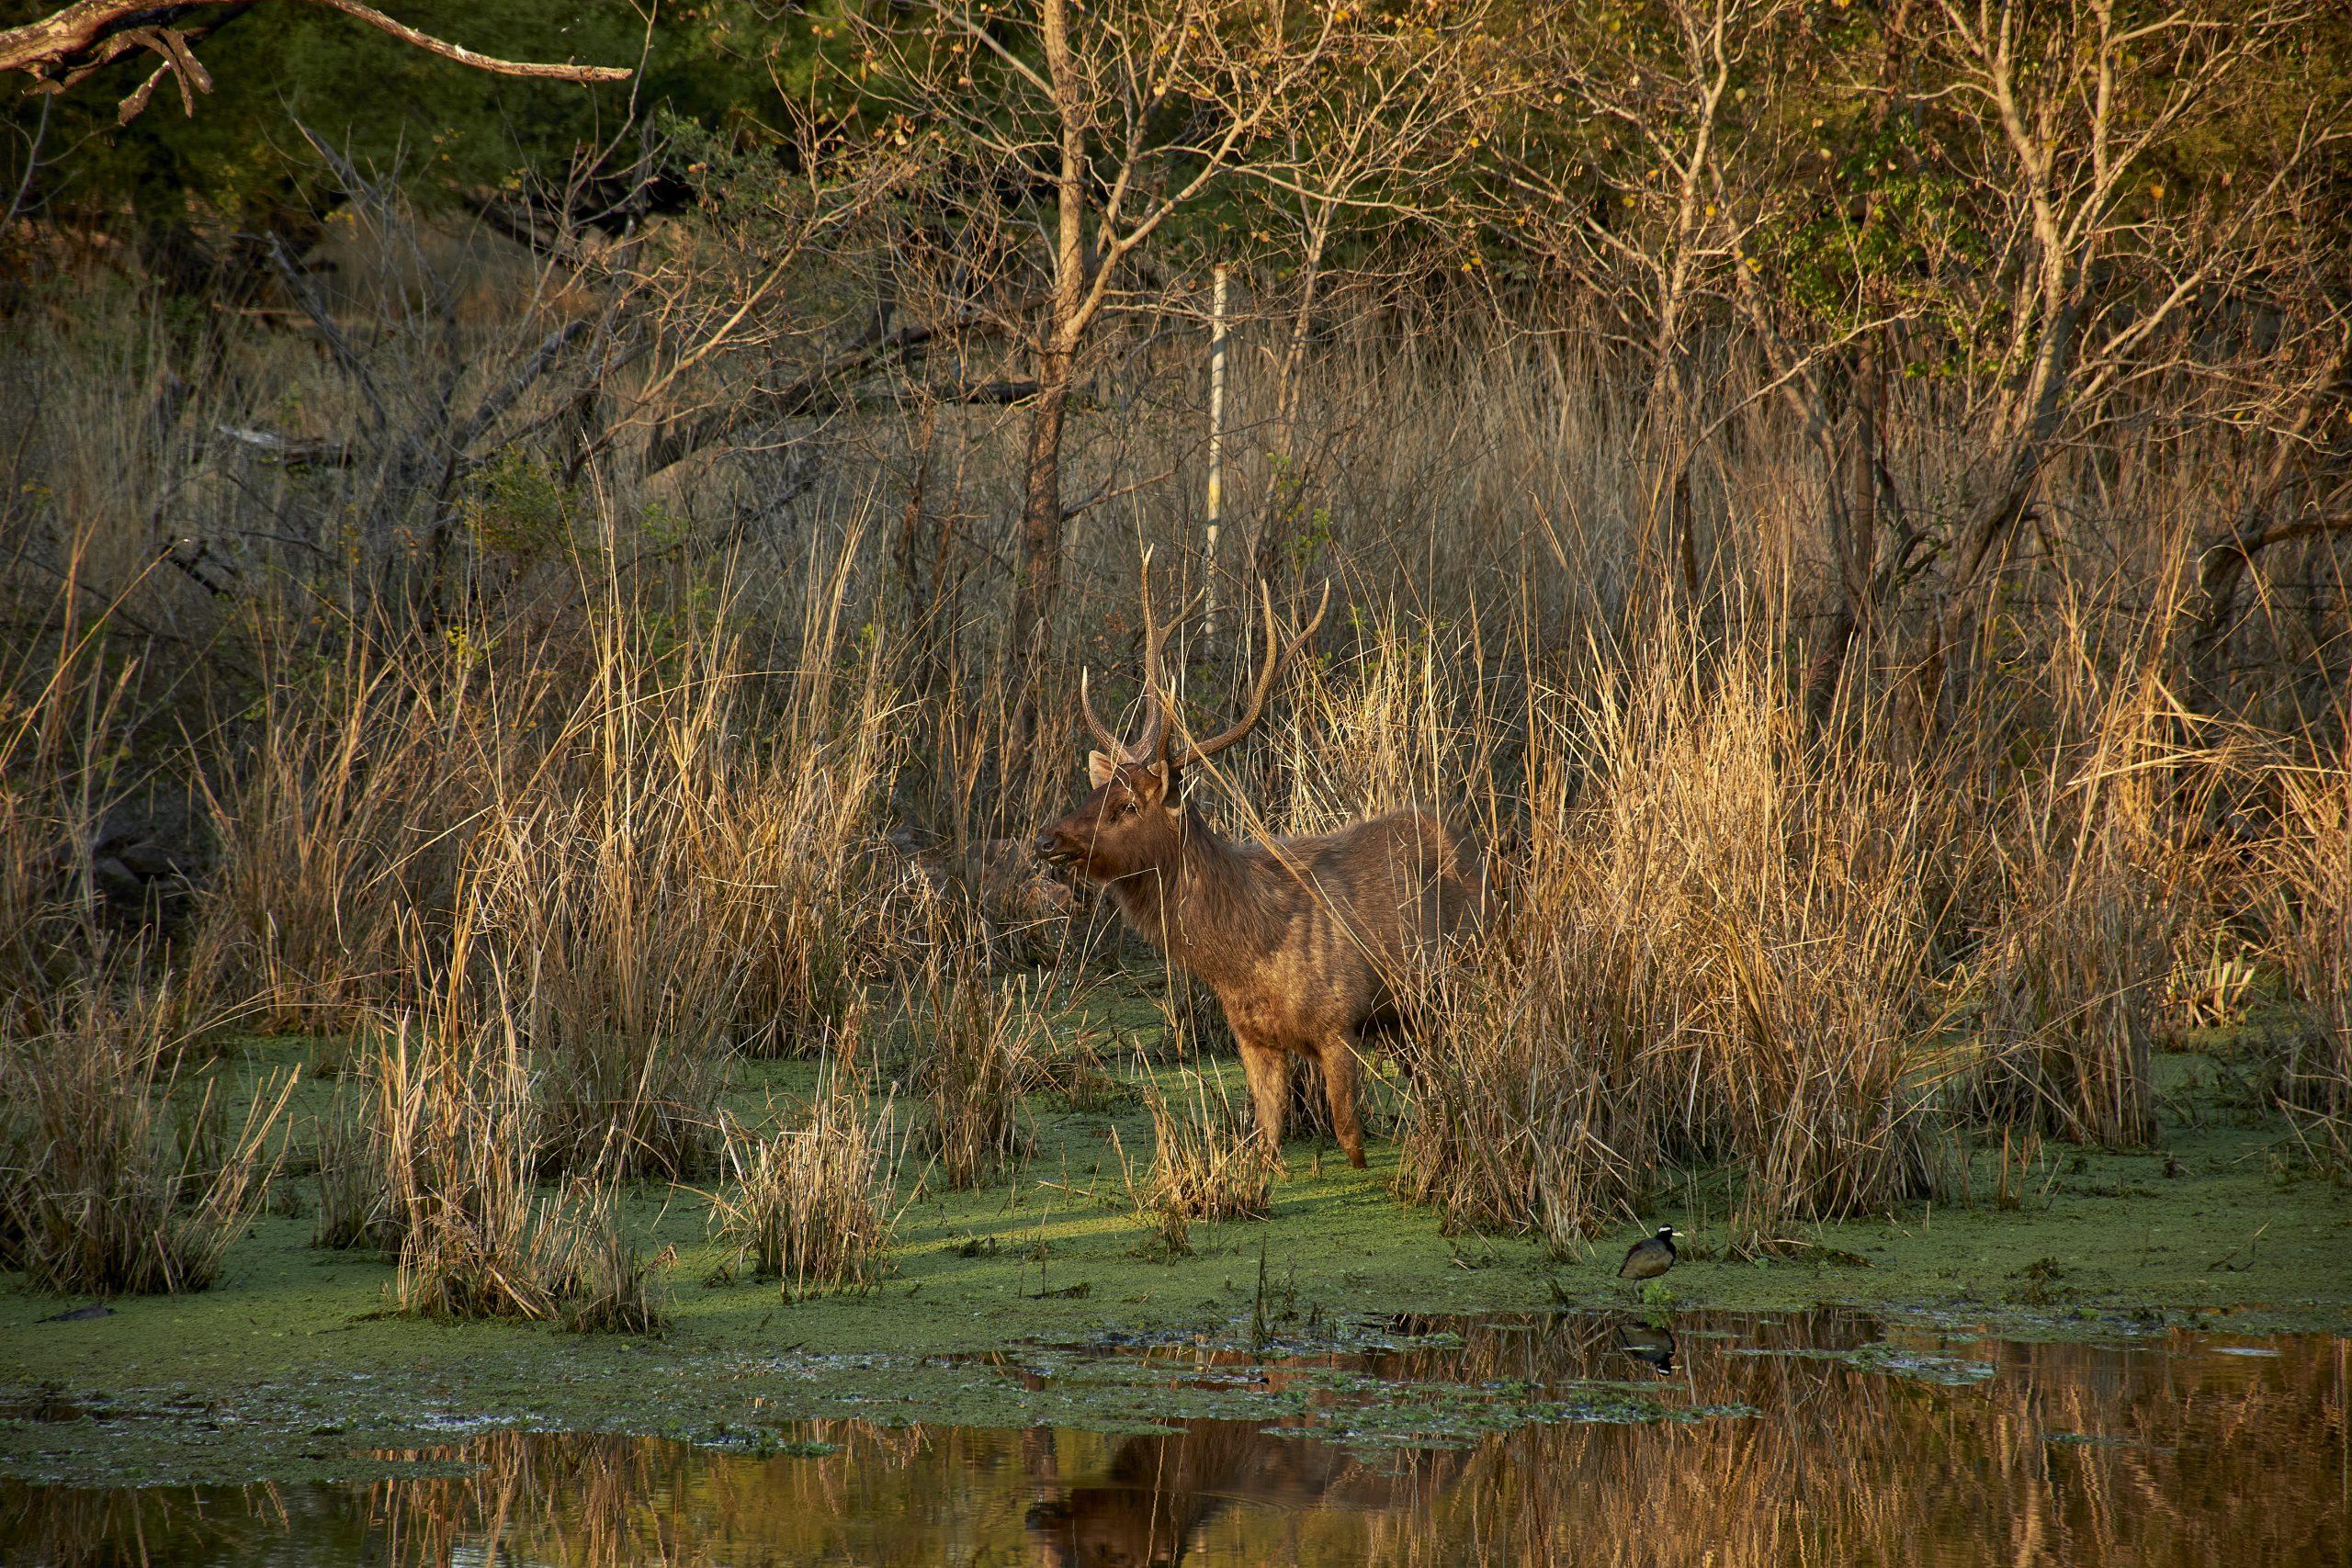 Sambar deer in swamp